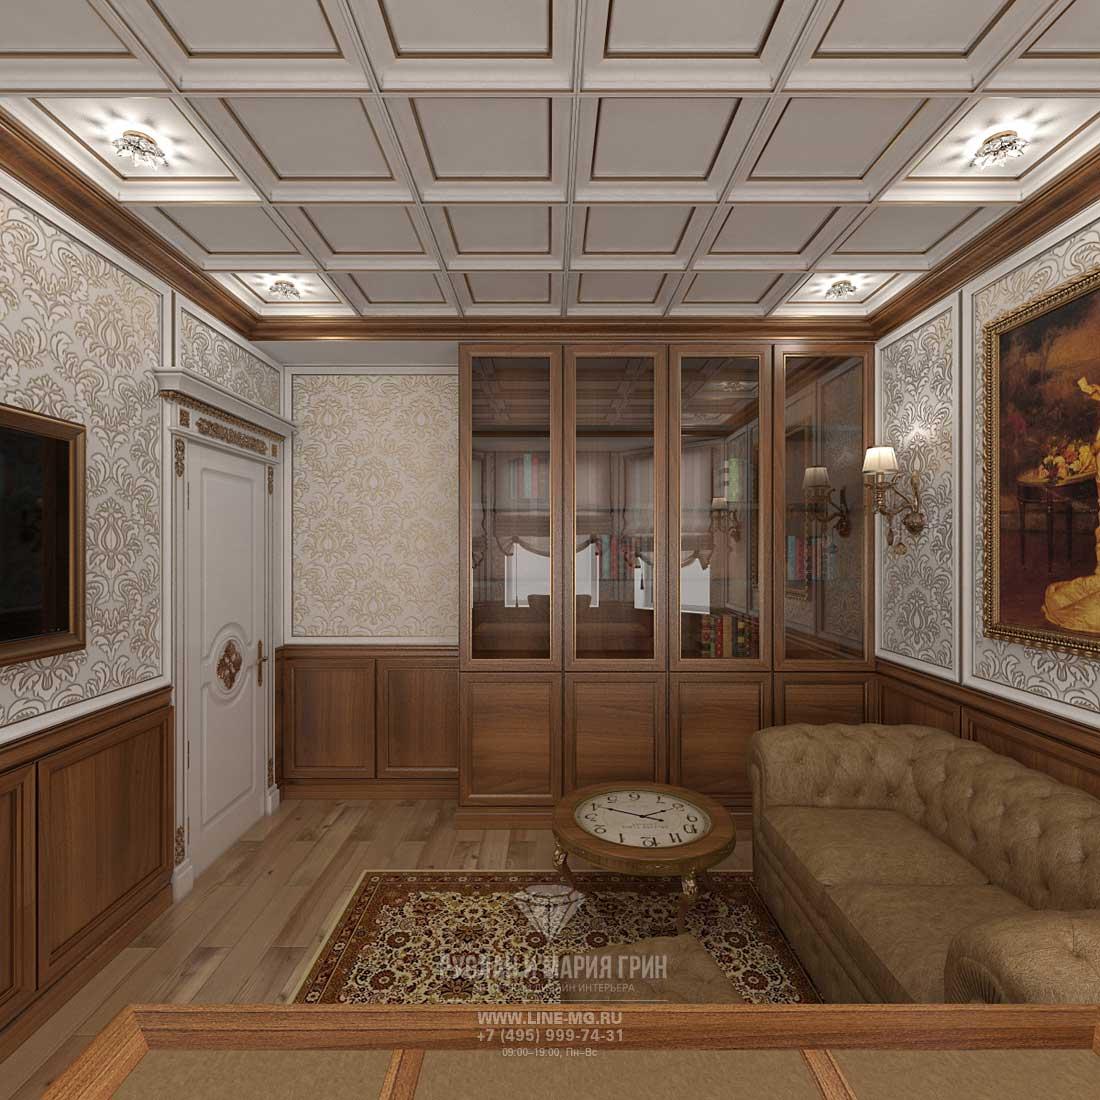 Дизайн кабинета в доме. Фото 2016